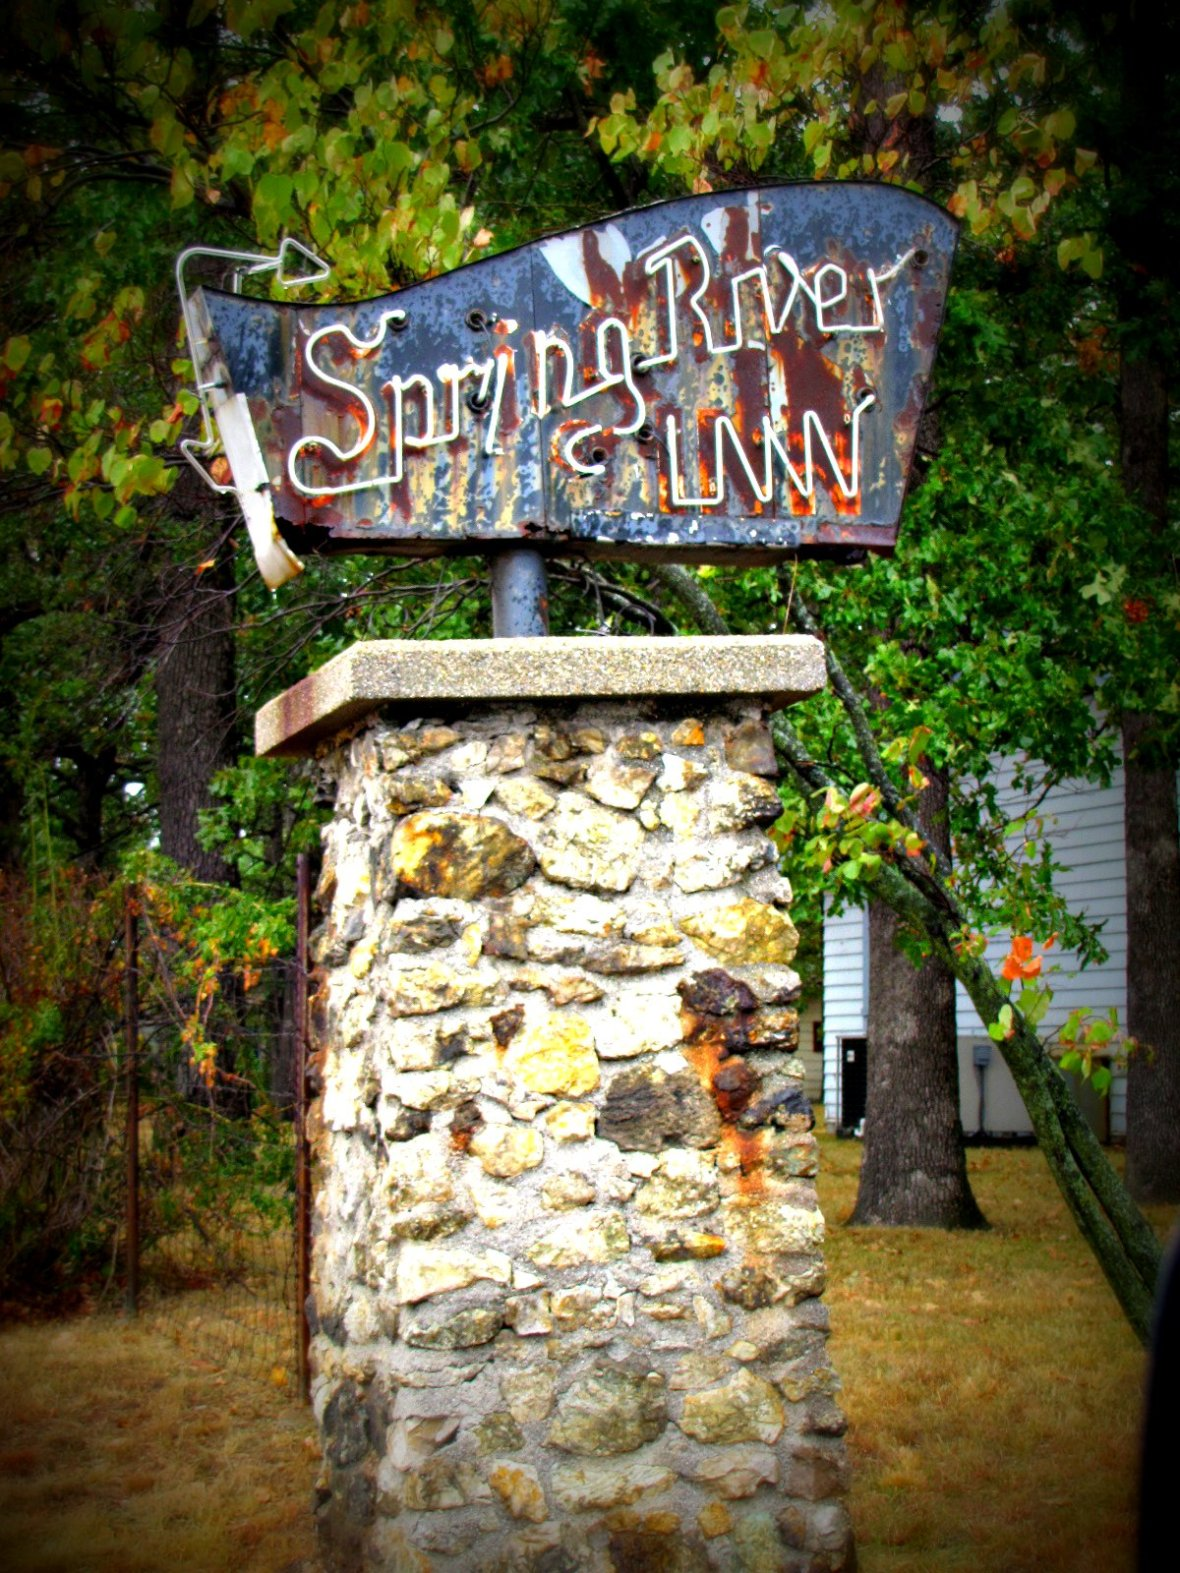 Spring River Inn